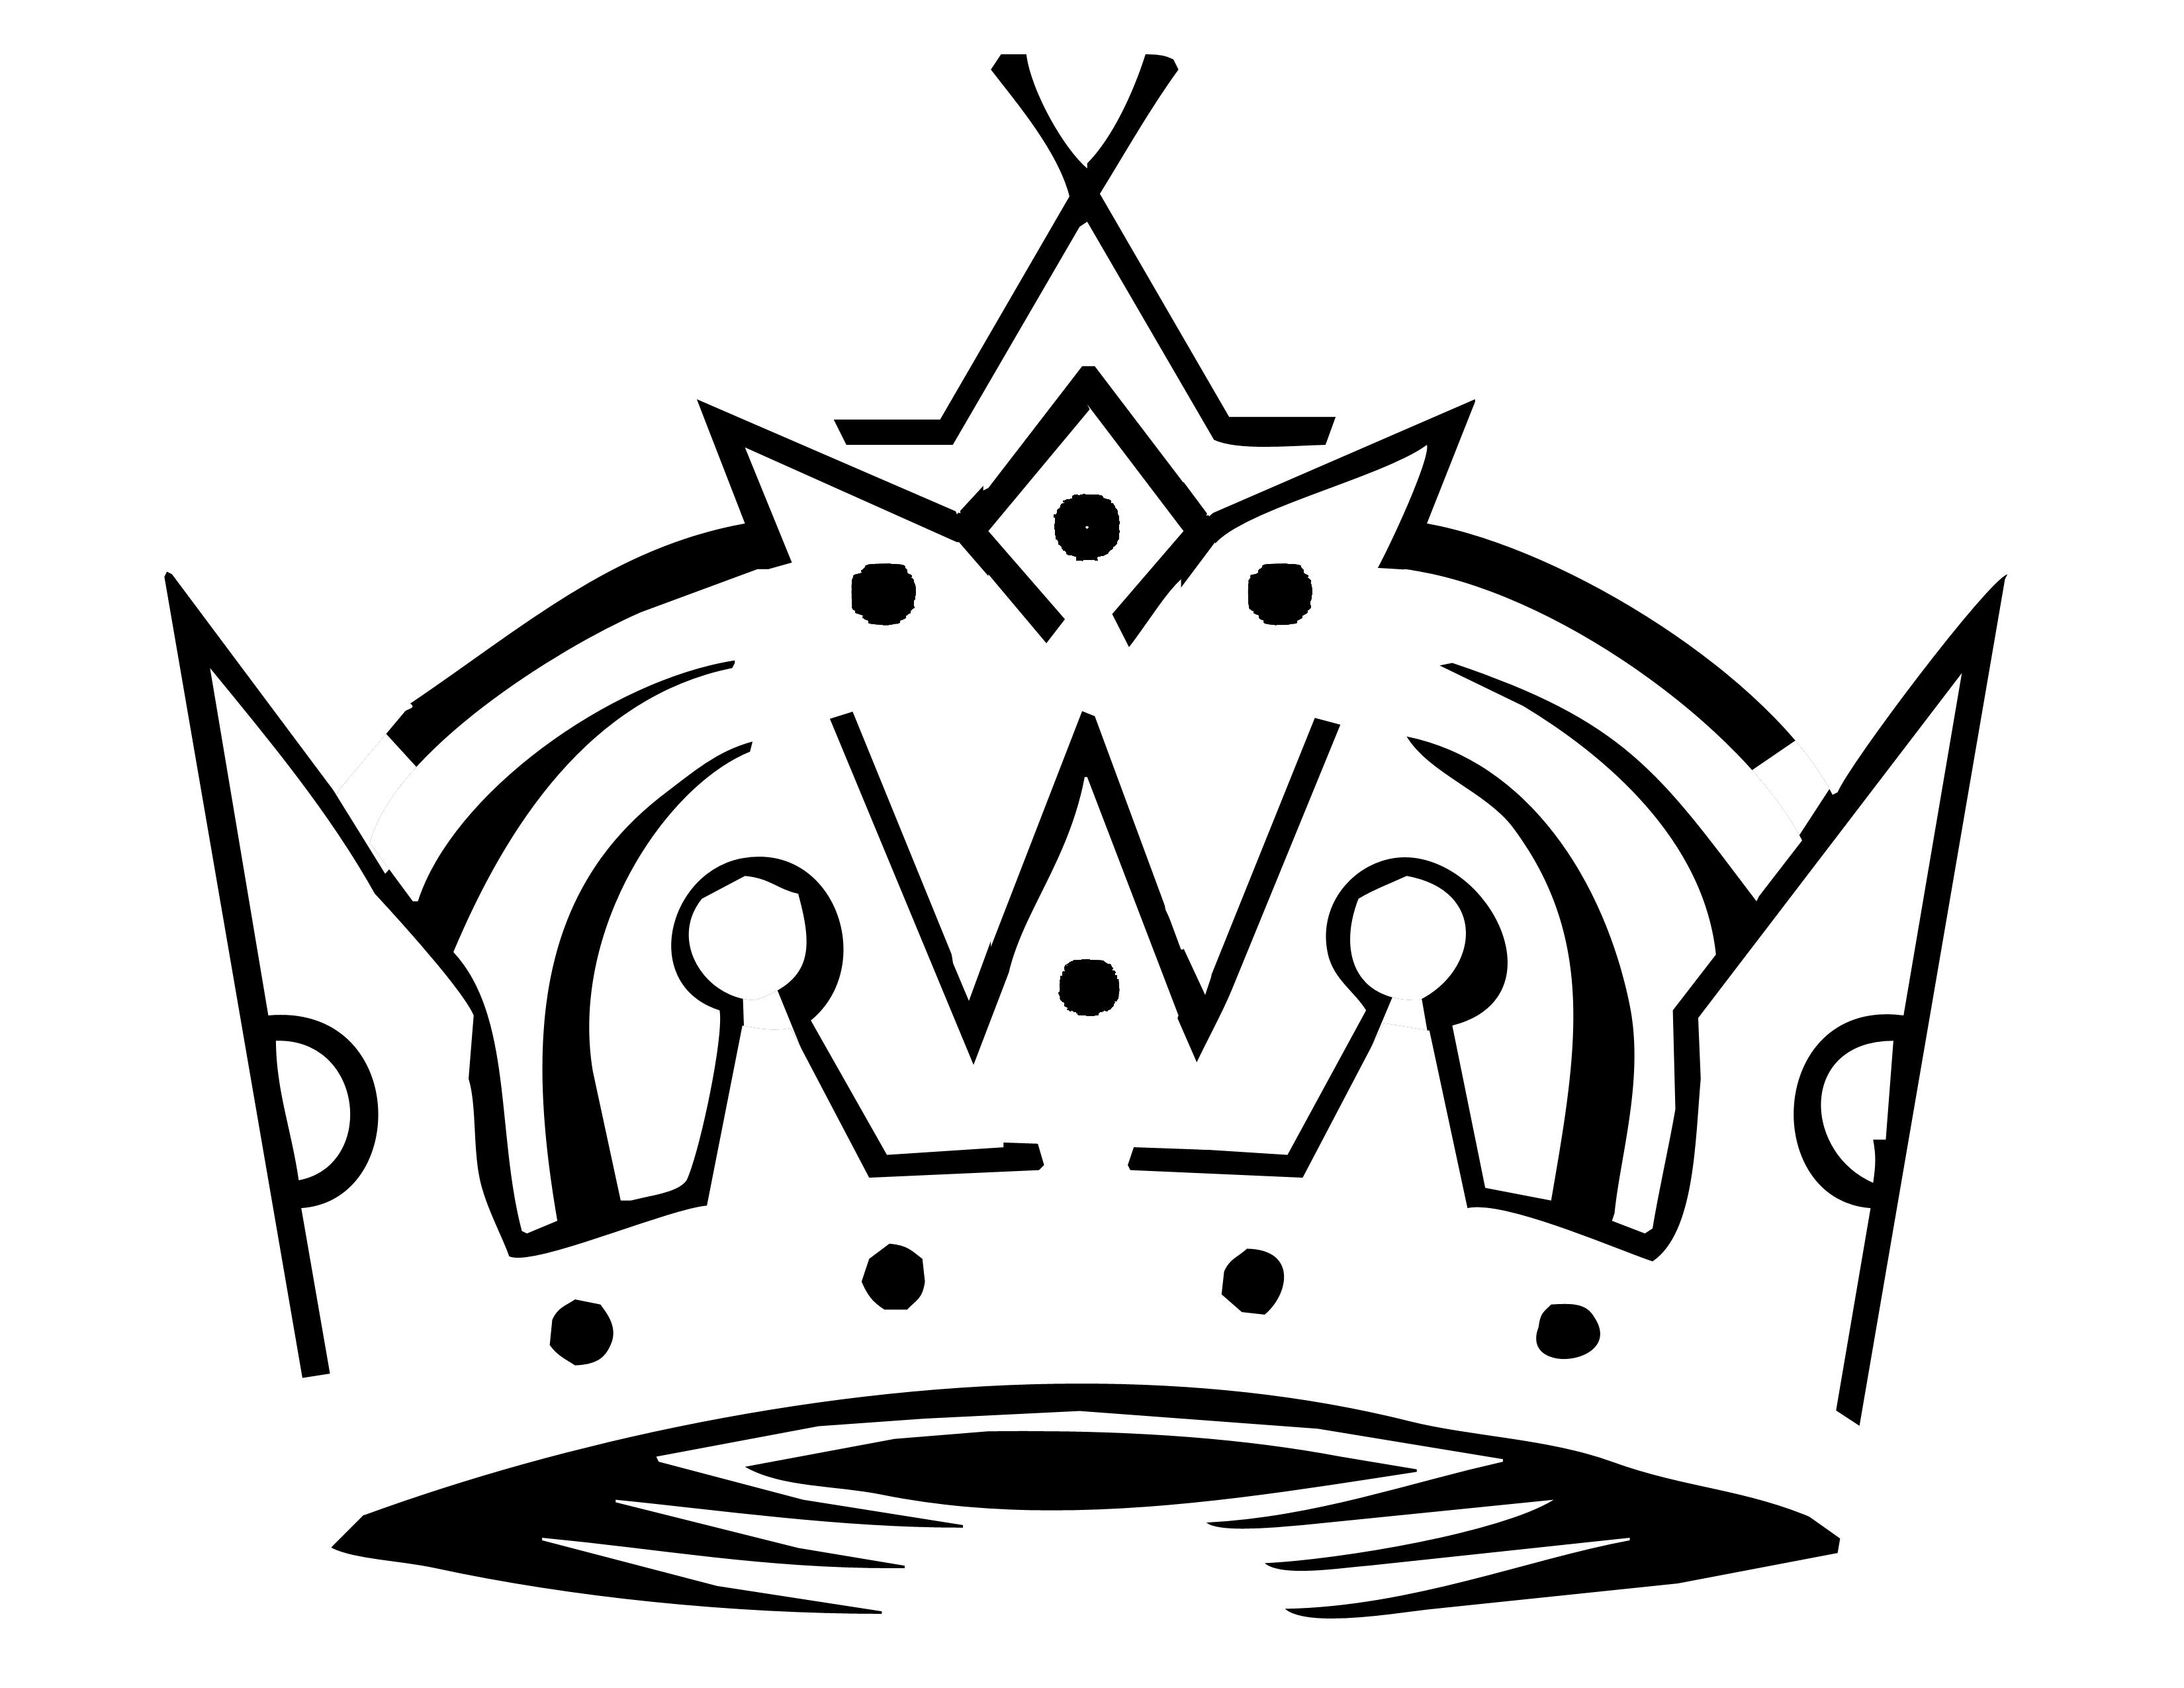 Burger King Crown Template Kootation